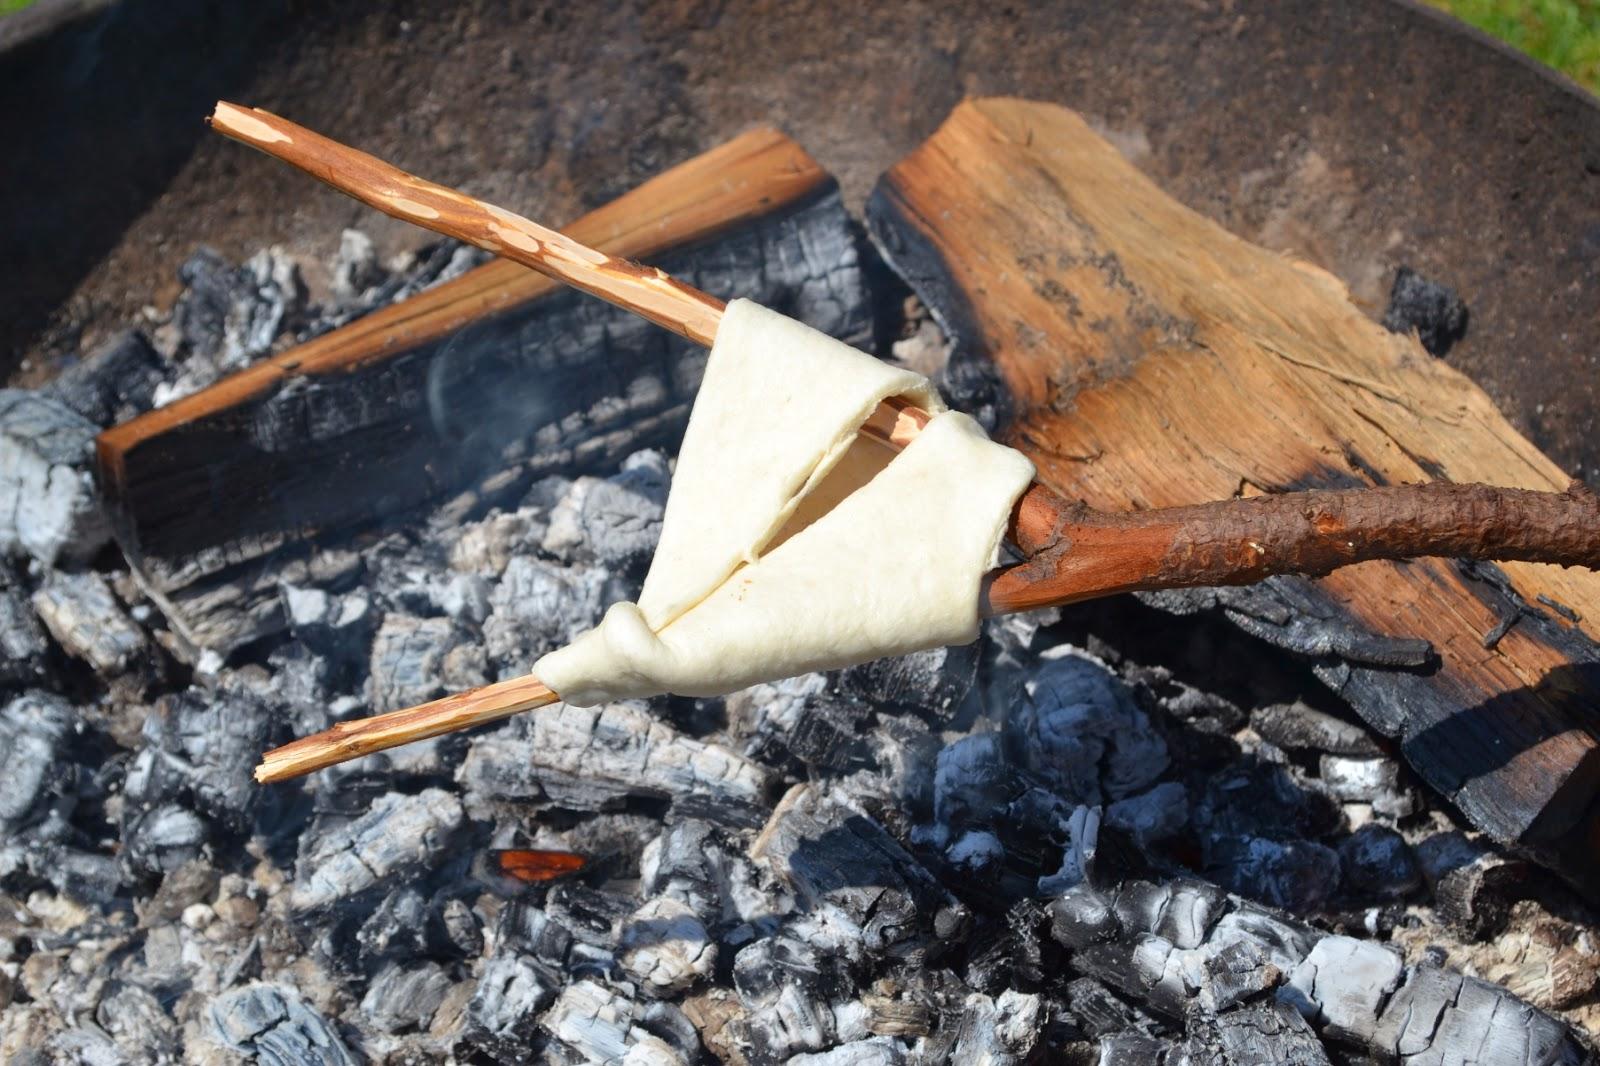 Vorkstok met croissantdeeg erom gevouwen boven een bak hete houtskool